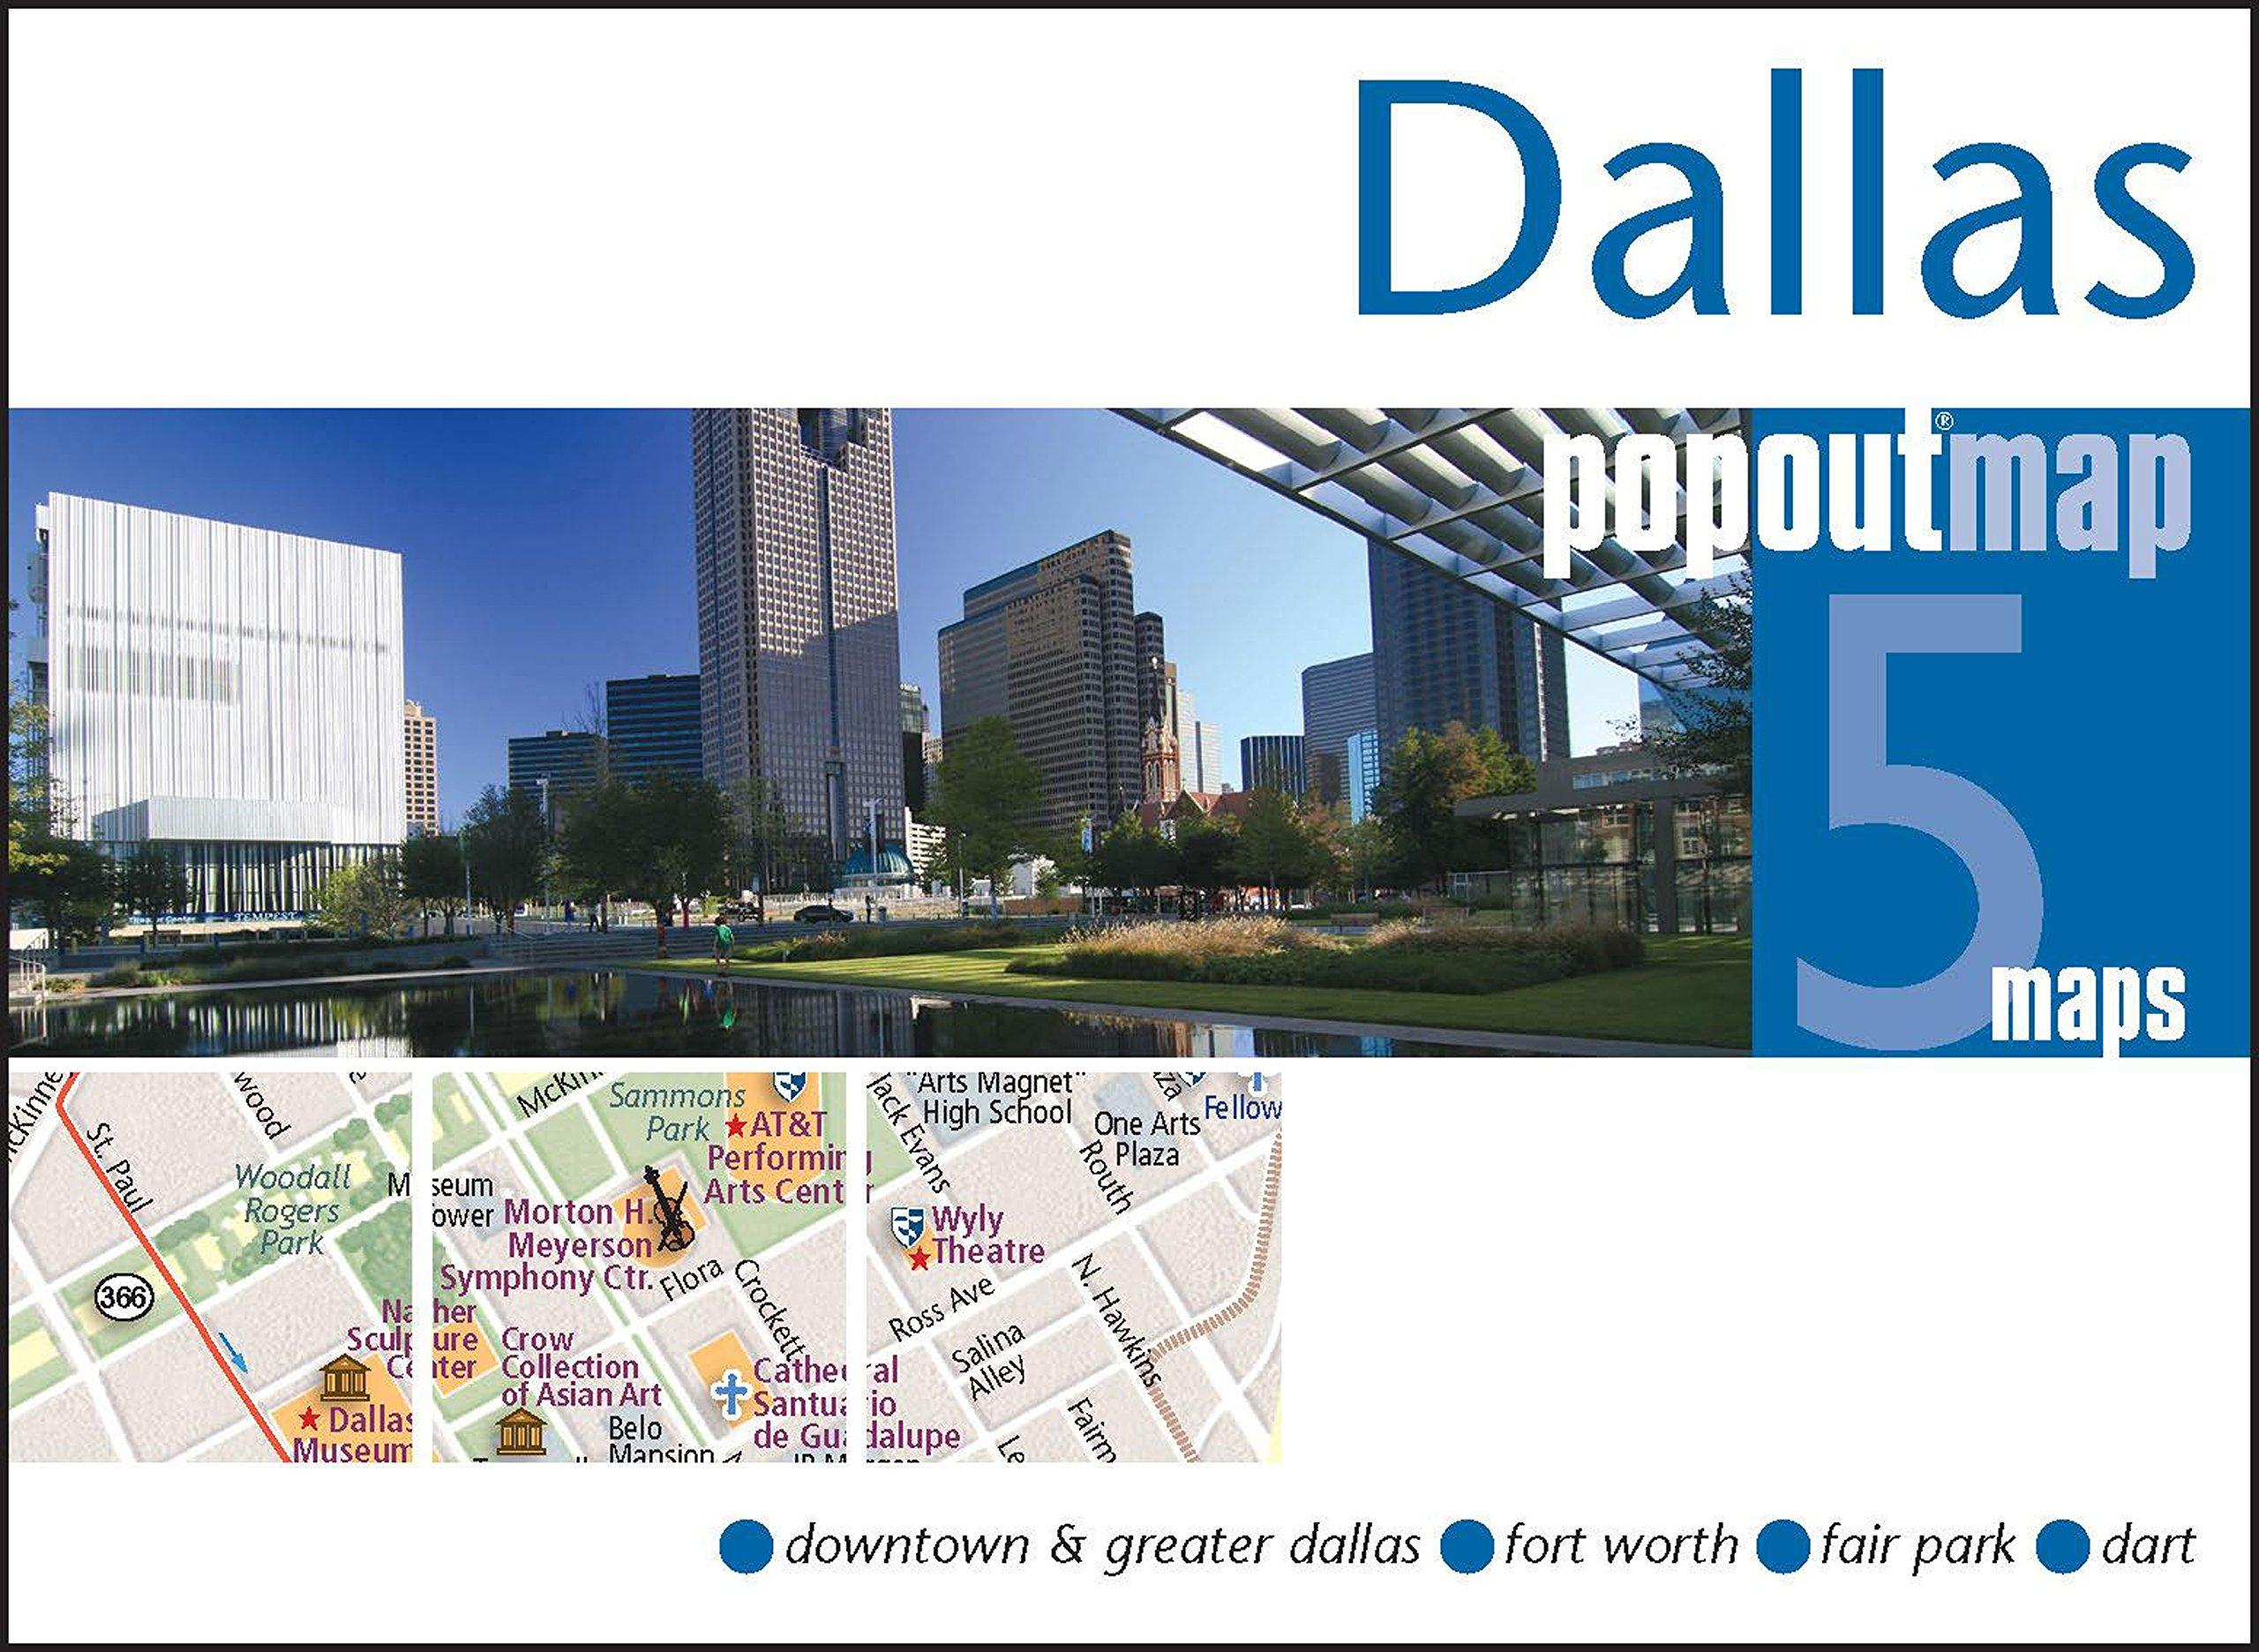 Greater Dallas Map.Dallas Popout Map Popout Maps Popout Maps 0711600301496 Amazon